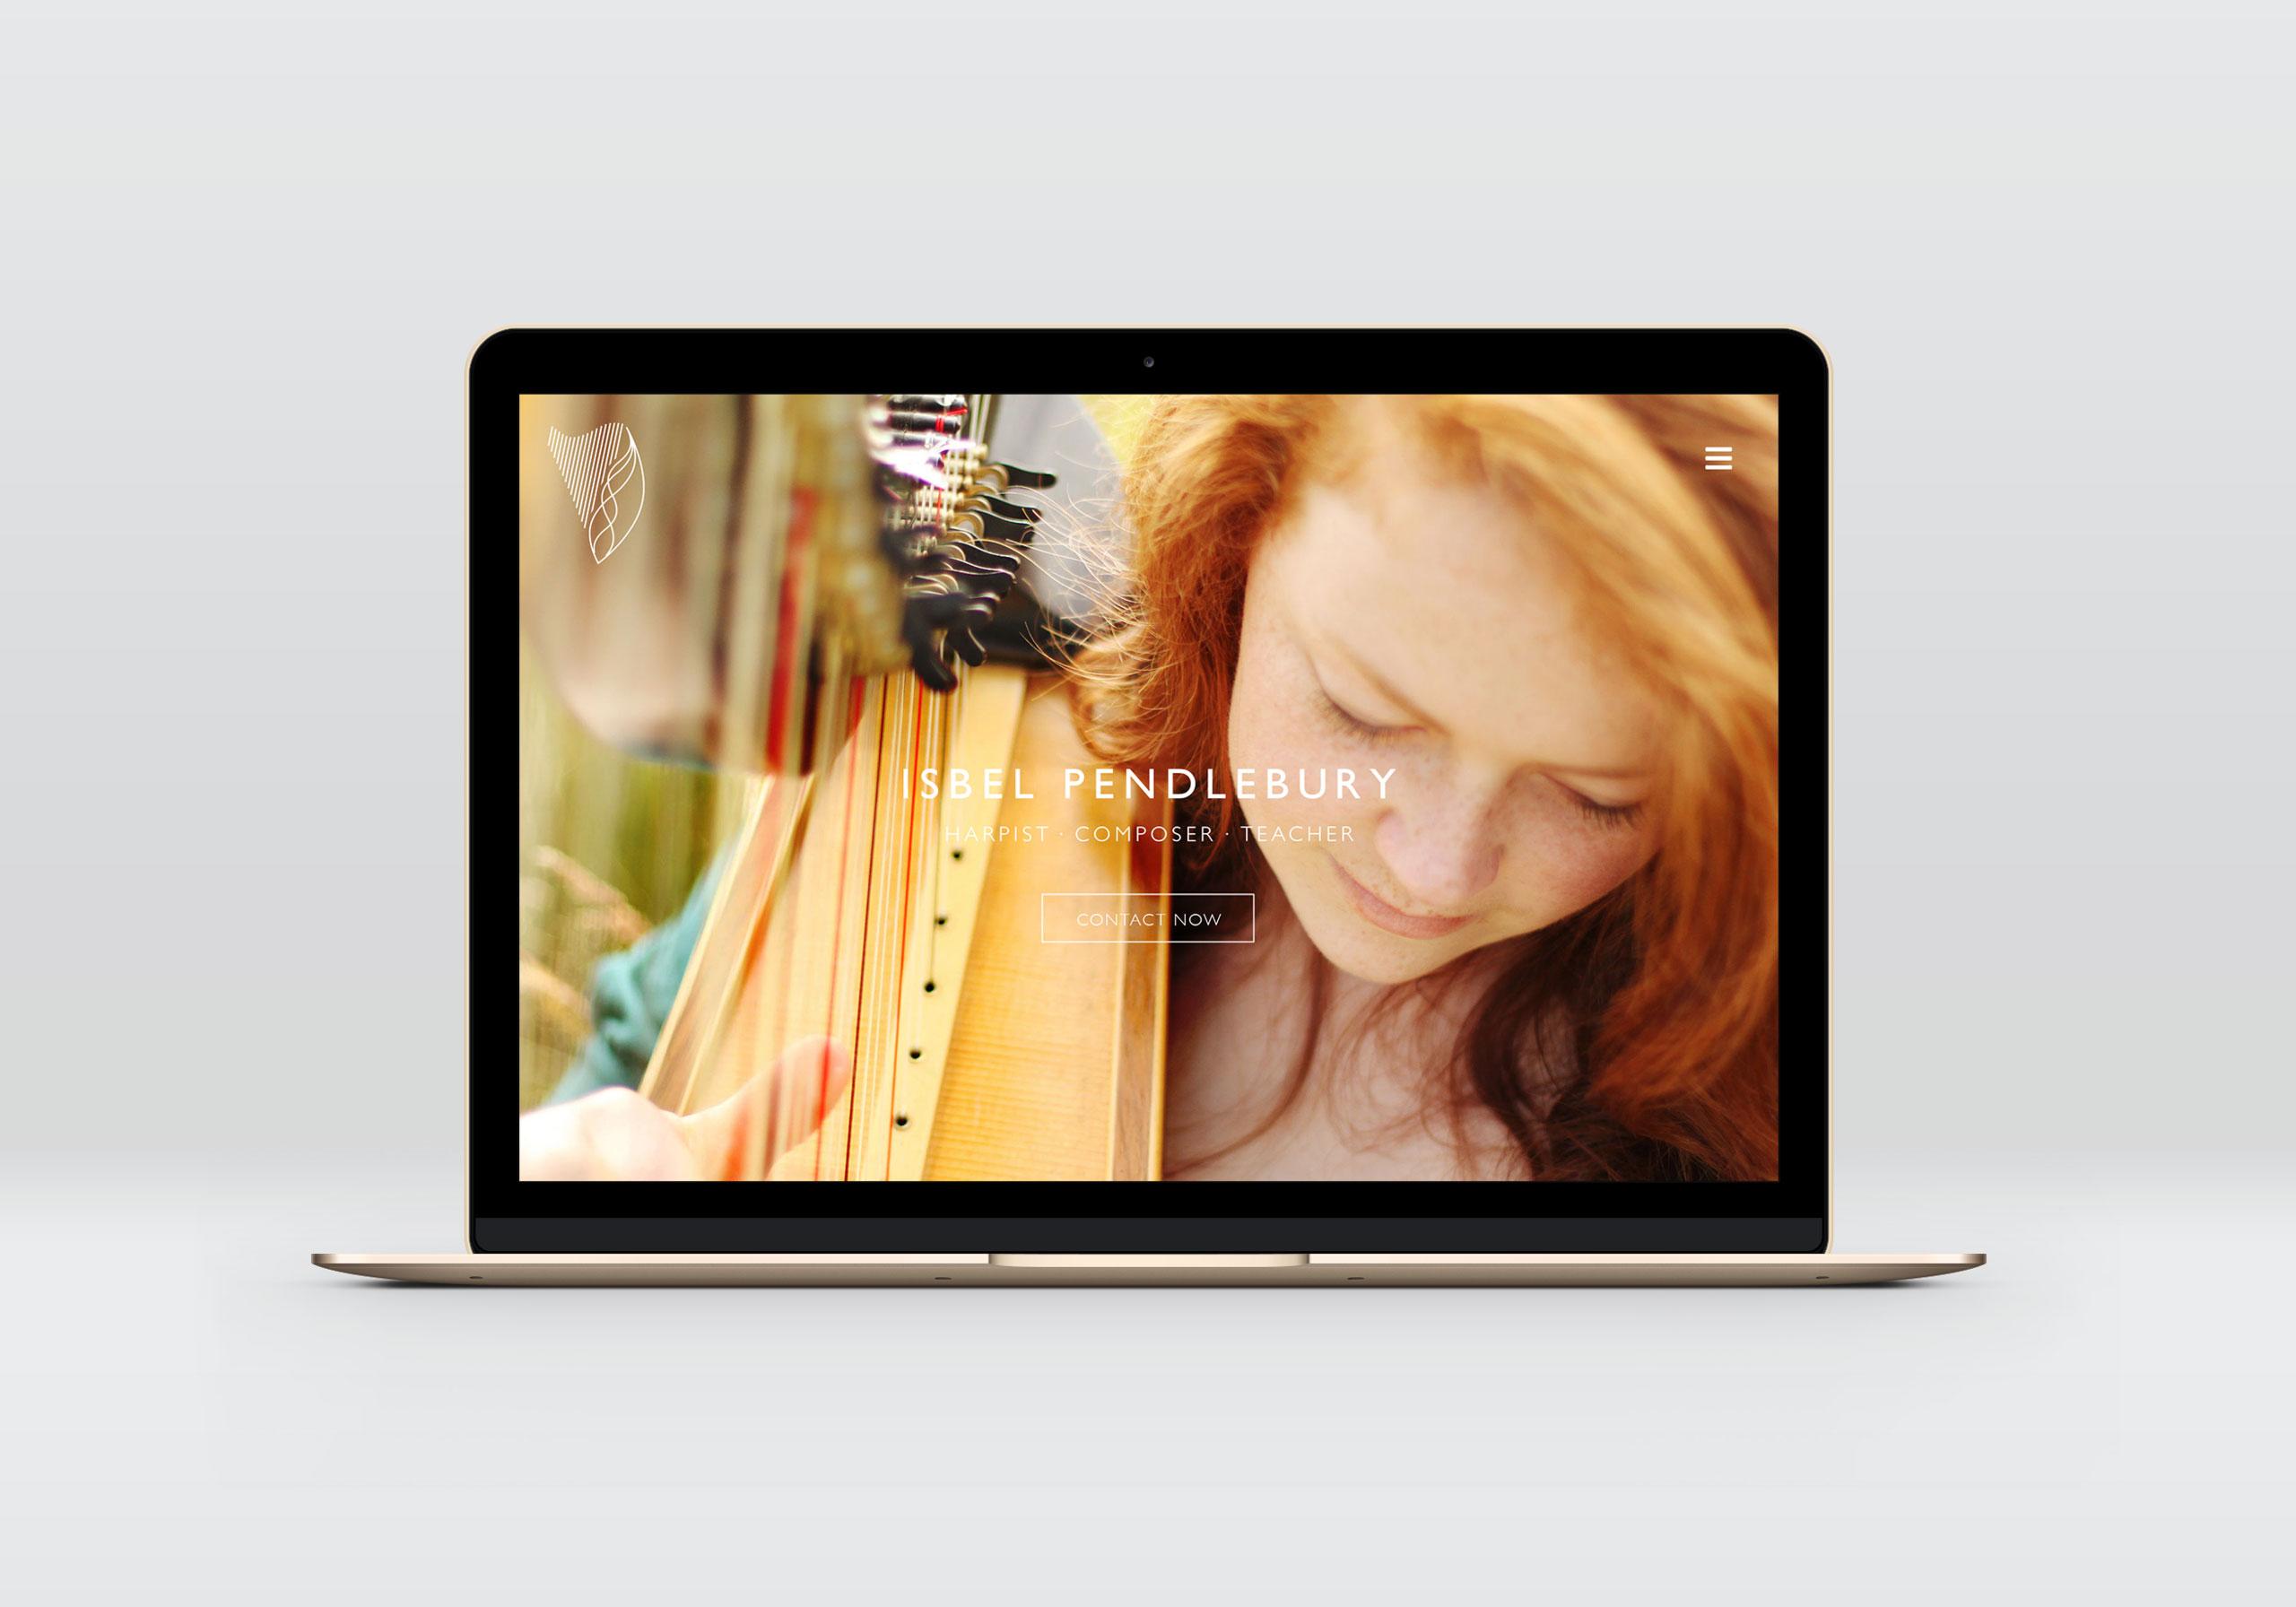 Isbel Pendlebury website